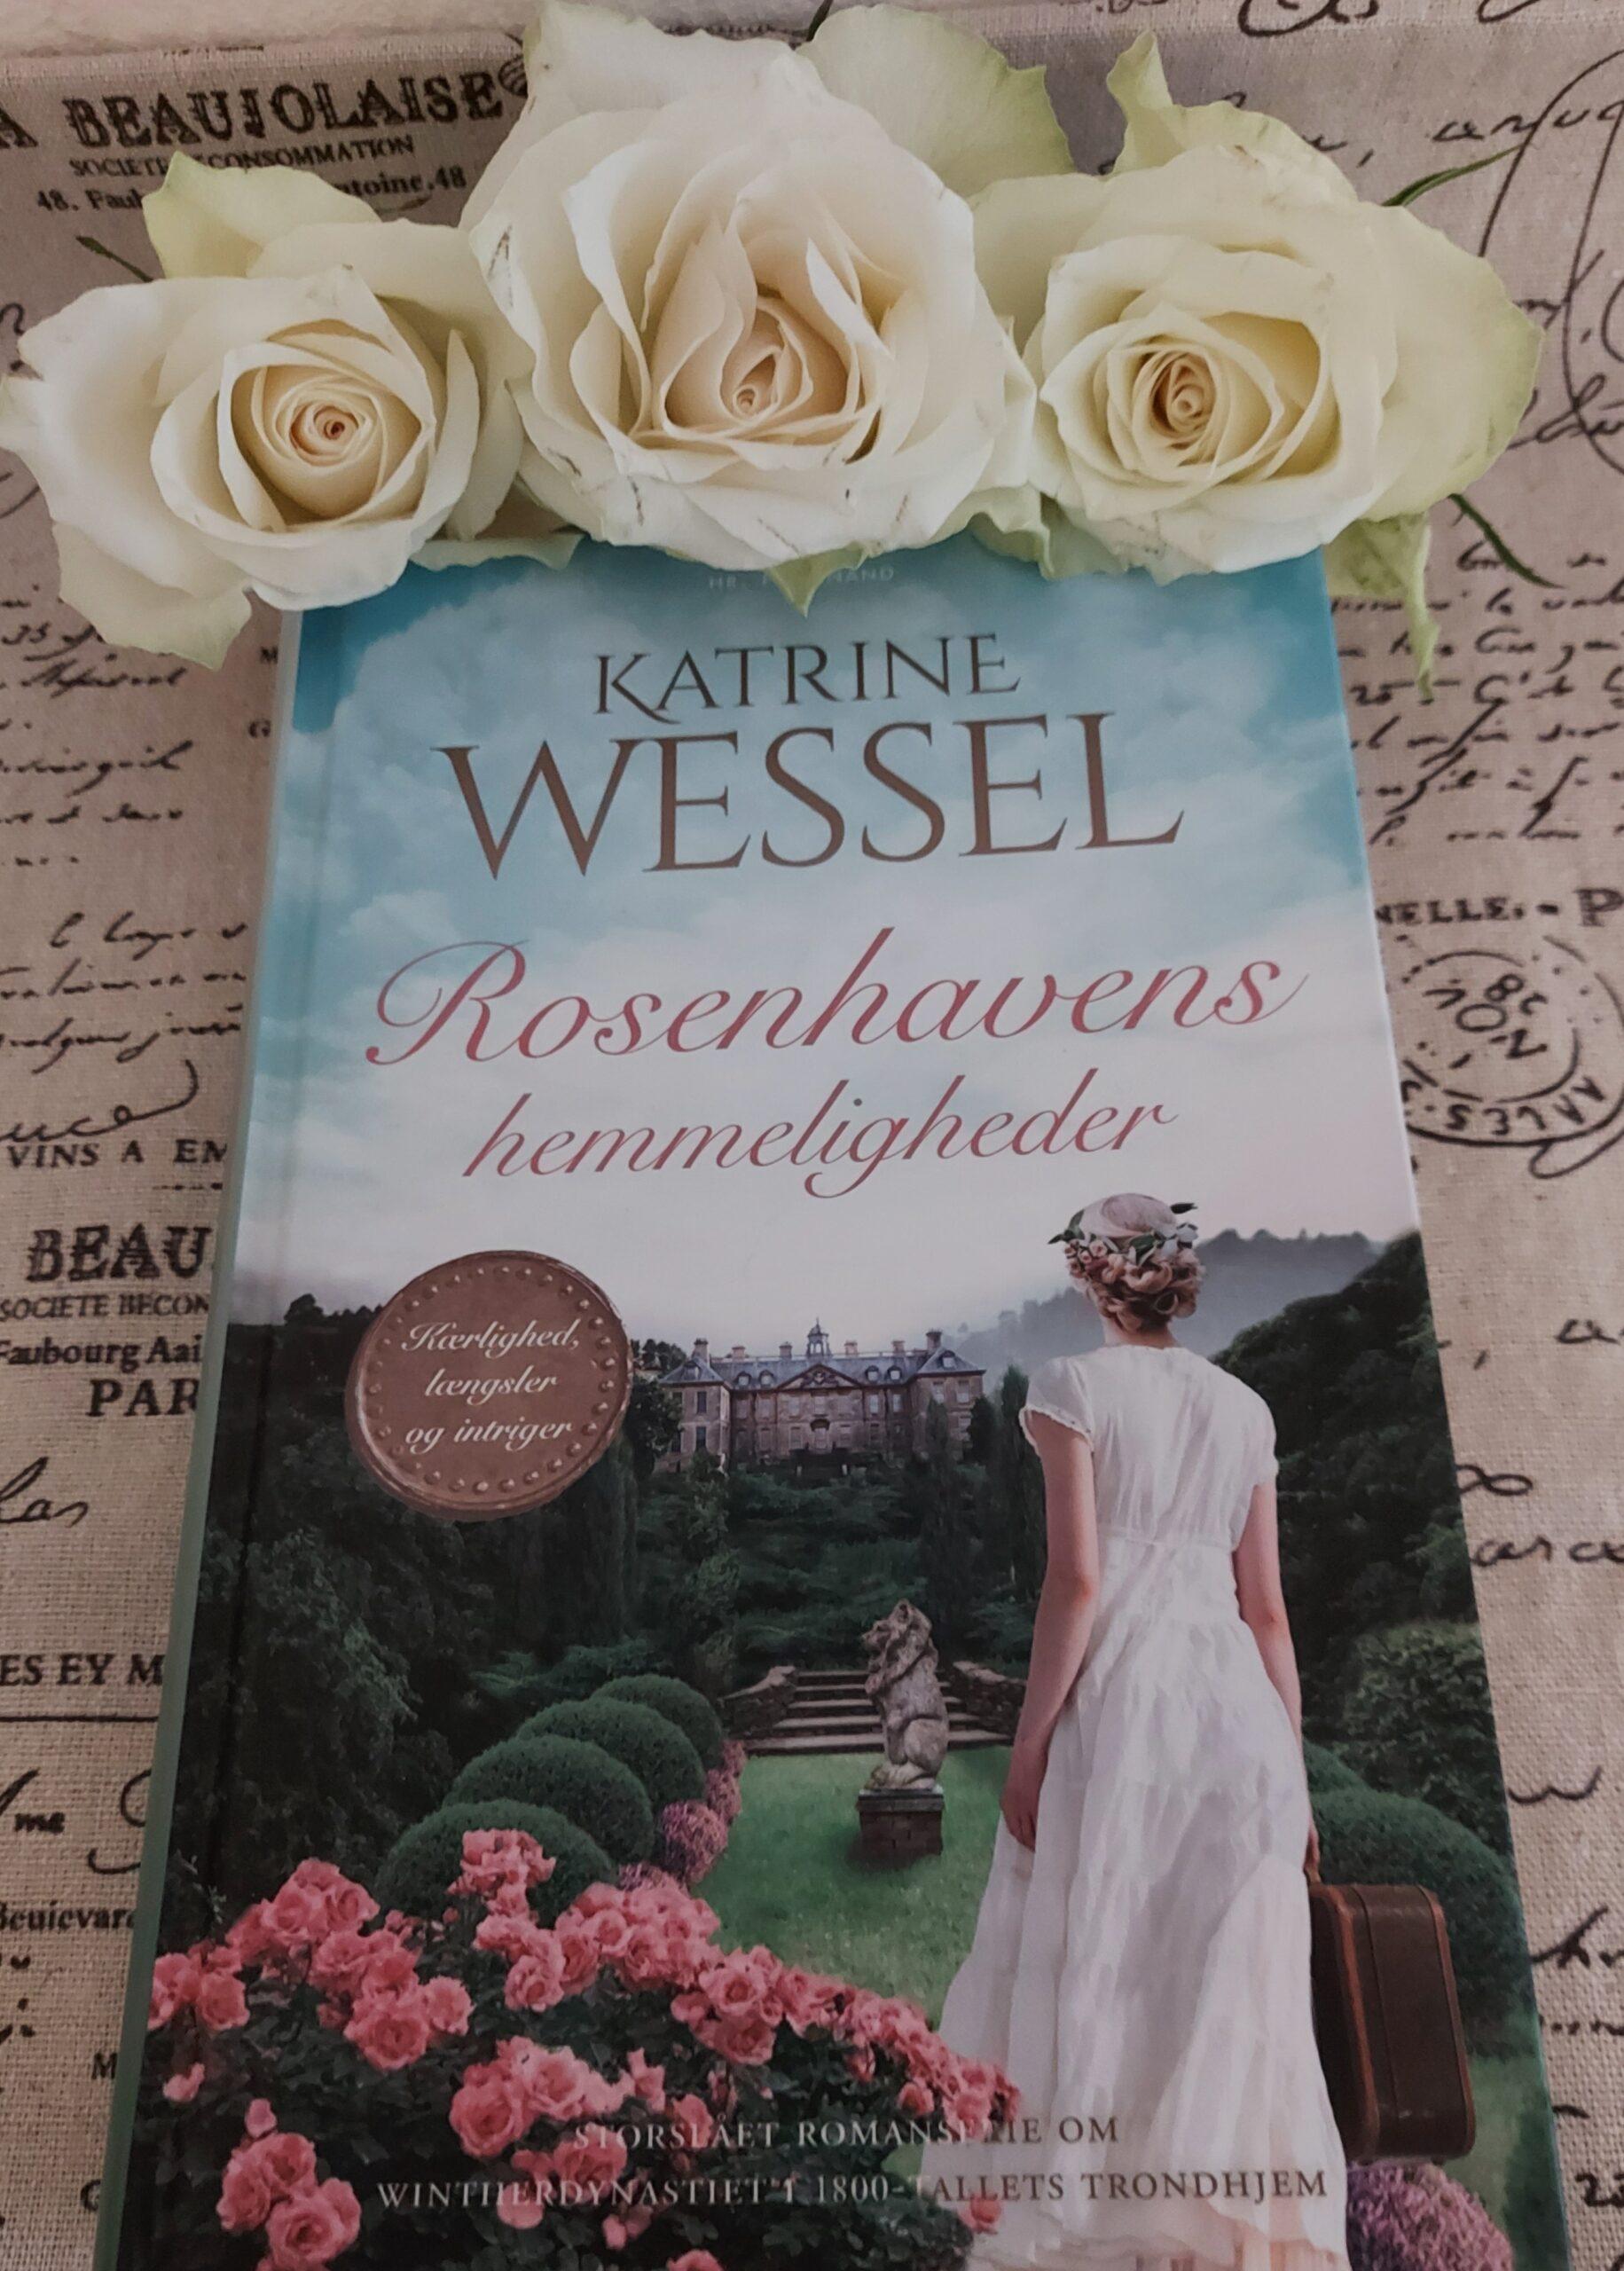 Rosenhavens hemmeligheder af Katrine Wessel-Aas (Winther Dynastiet #3)